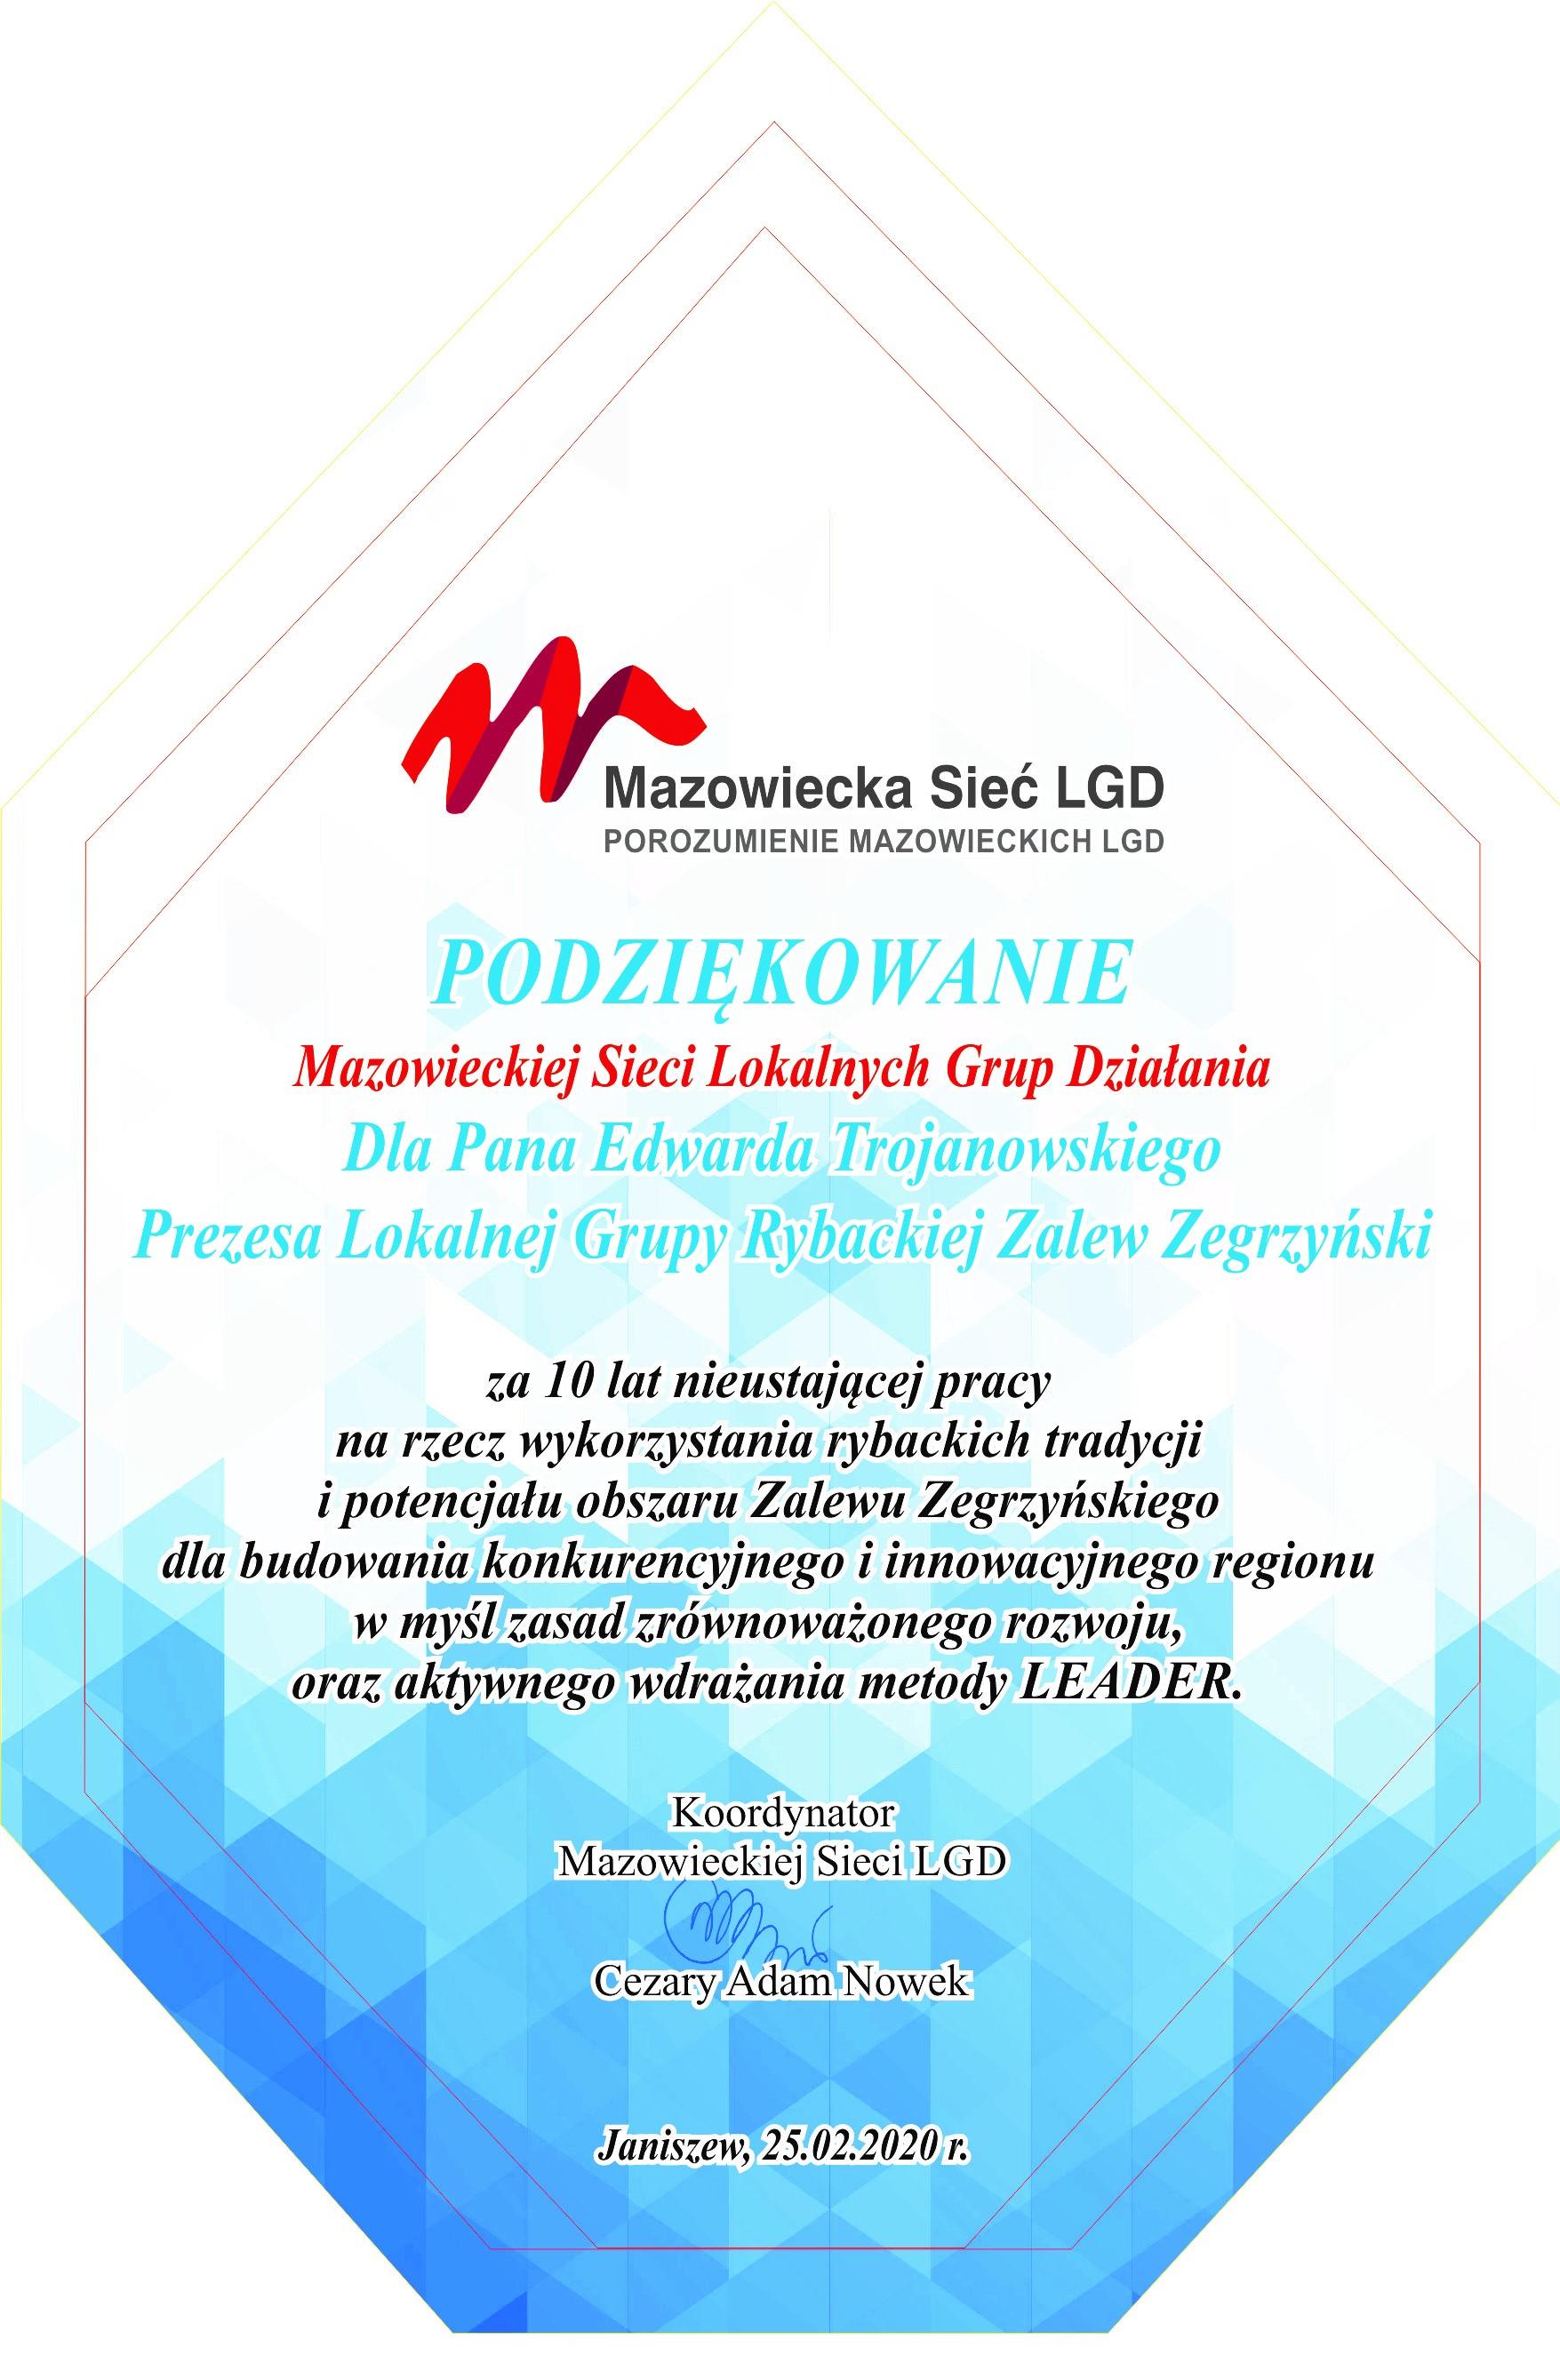 podziekowanie LGR Zalew Zegrzynski mazowiecka sieć lgd